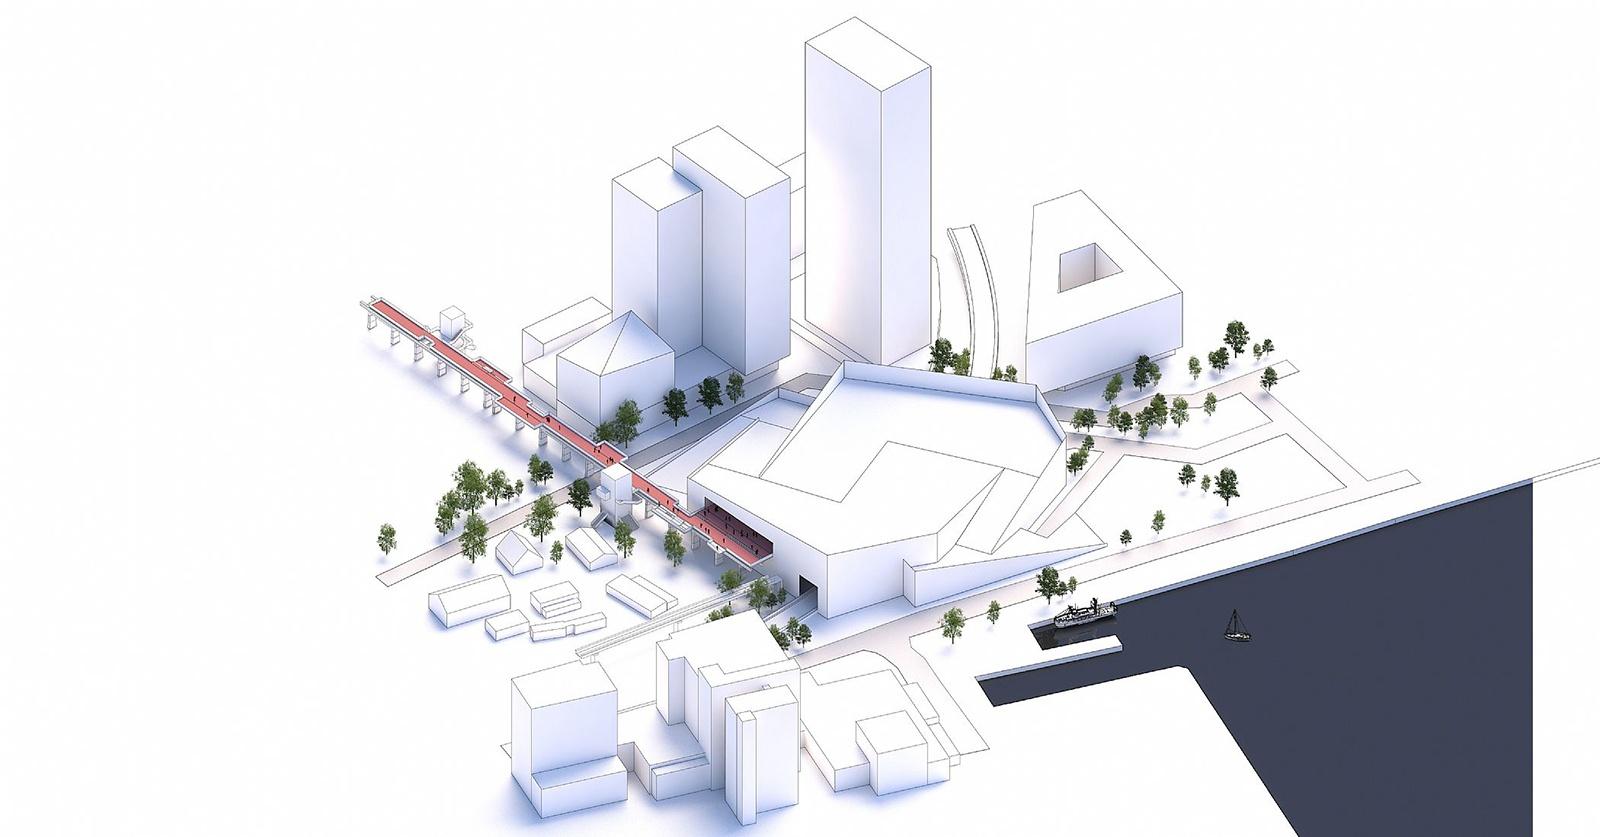 C-F-Moeller-Architects-og-Nordland-Arkitekter-og-vinder-opgaven-om-nyt-parkerings-og-aktivitetshus-i-img-10616-w2100-h1099